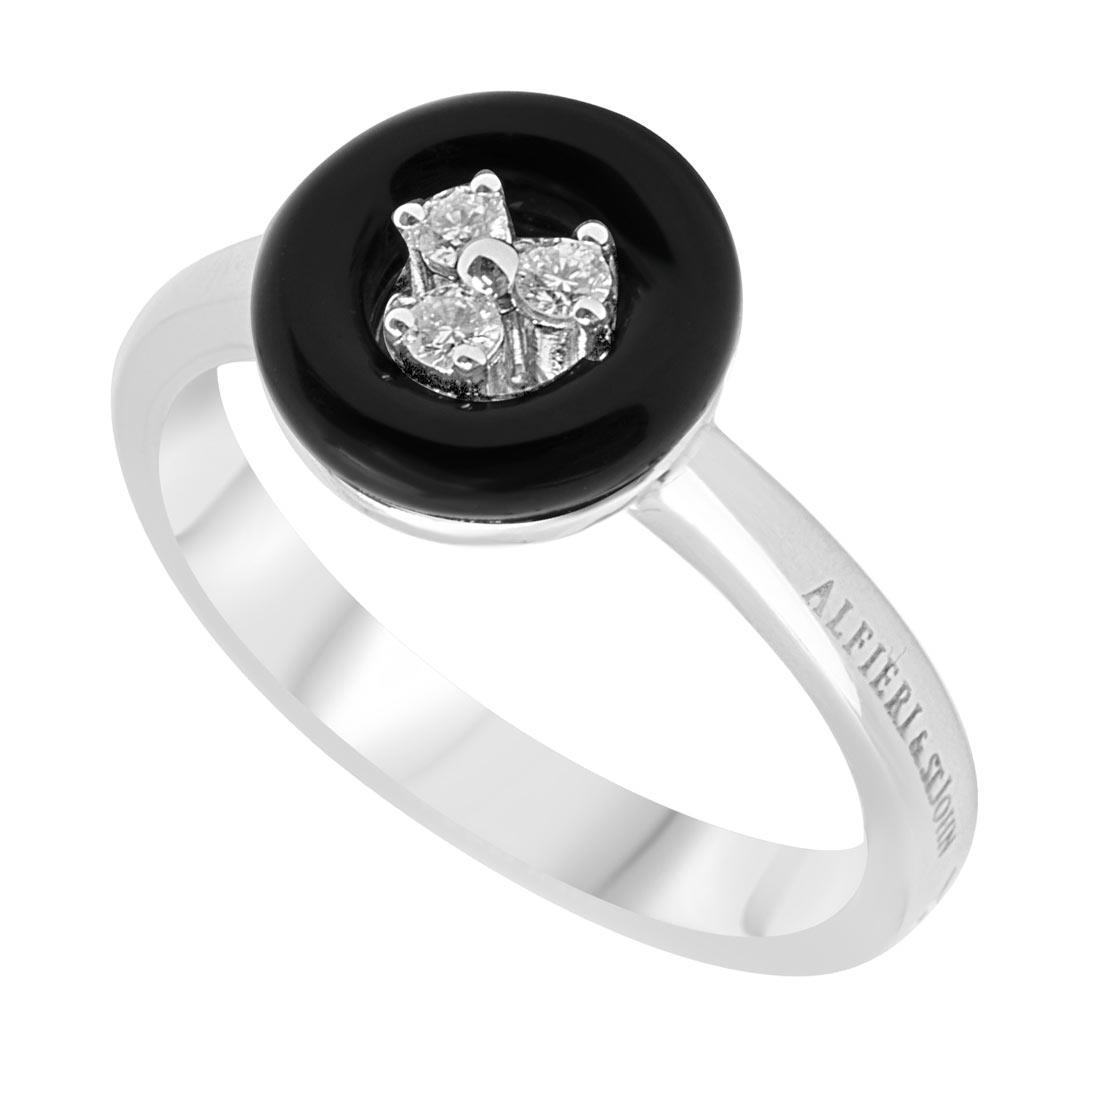 Anello in oro bianco con tre diamanti e pietra semipreziosa nera, mis 14 - ALFIERI & ST. JOHN